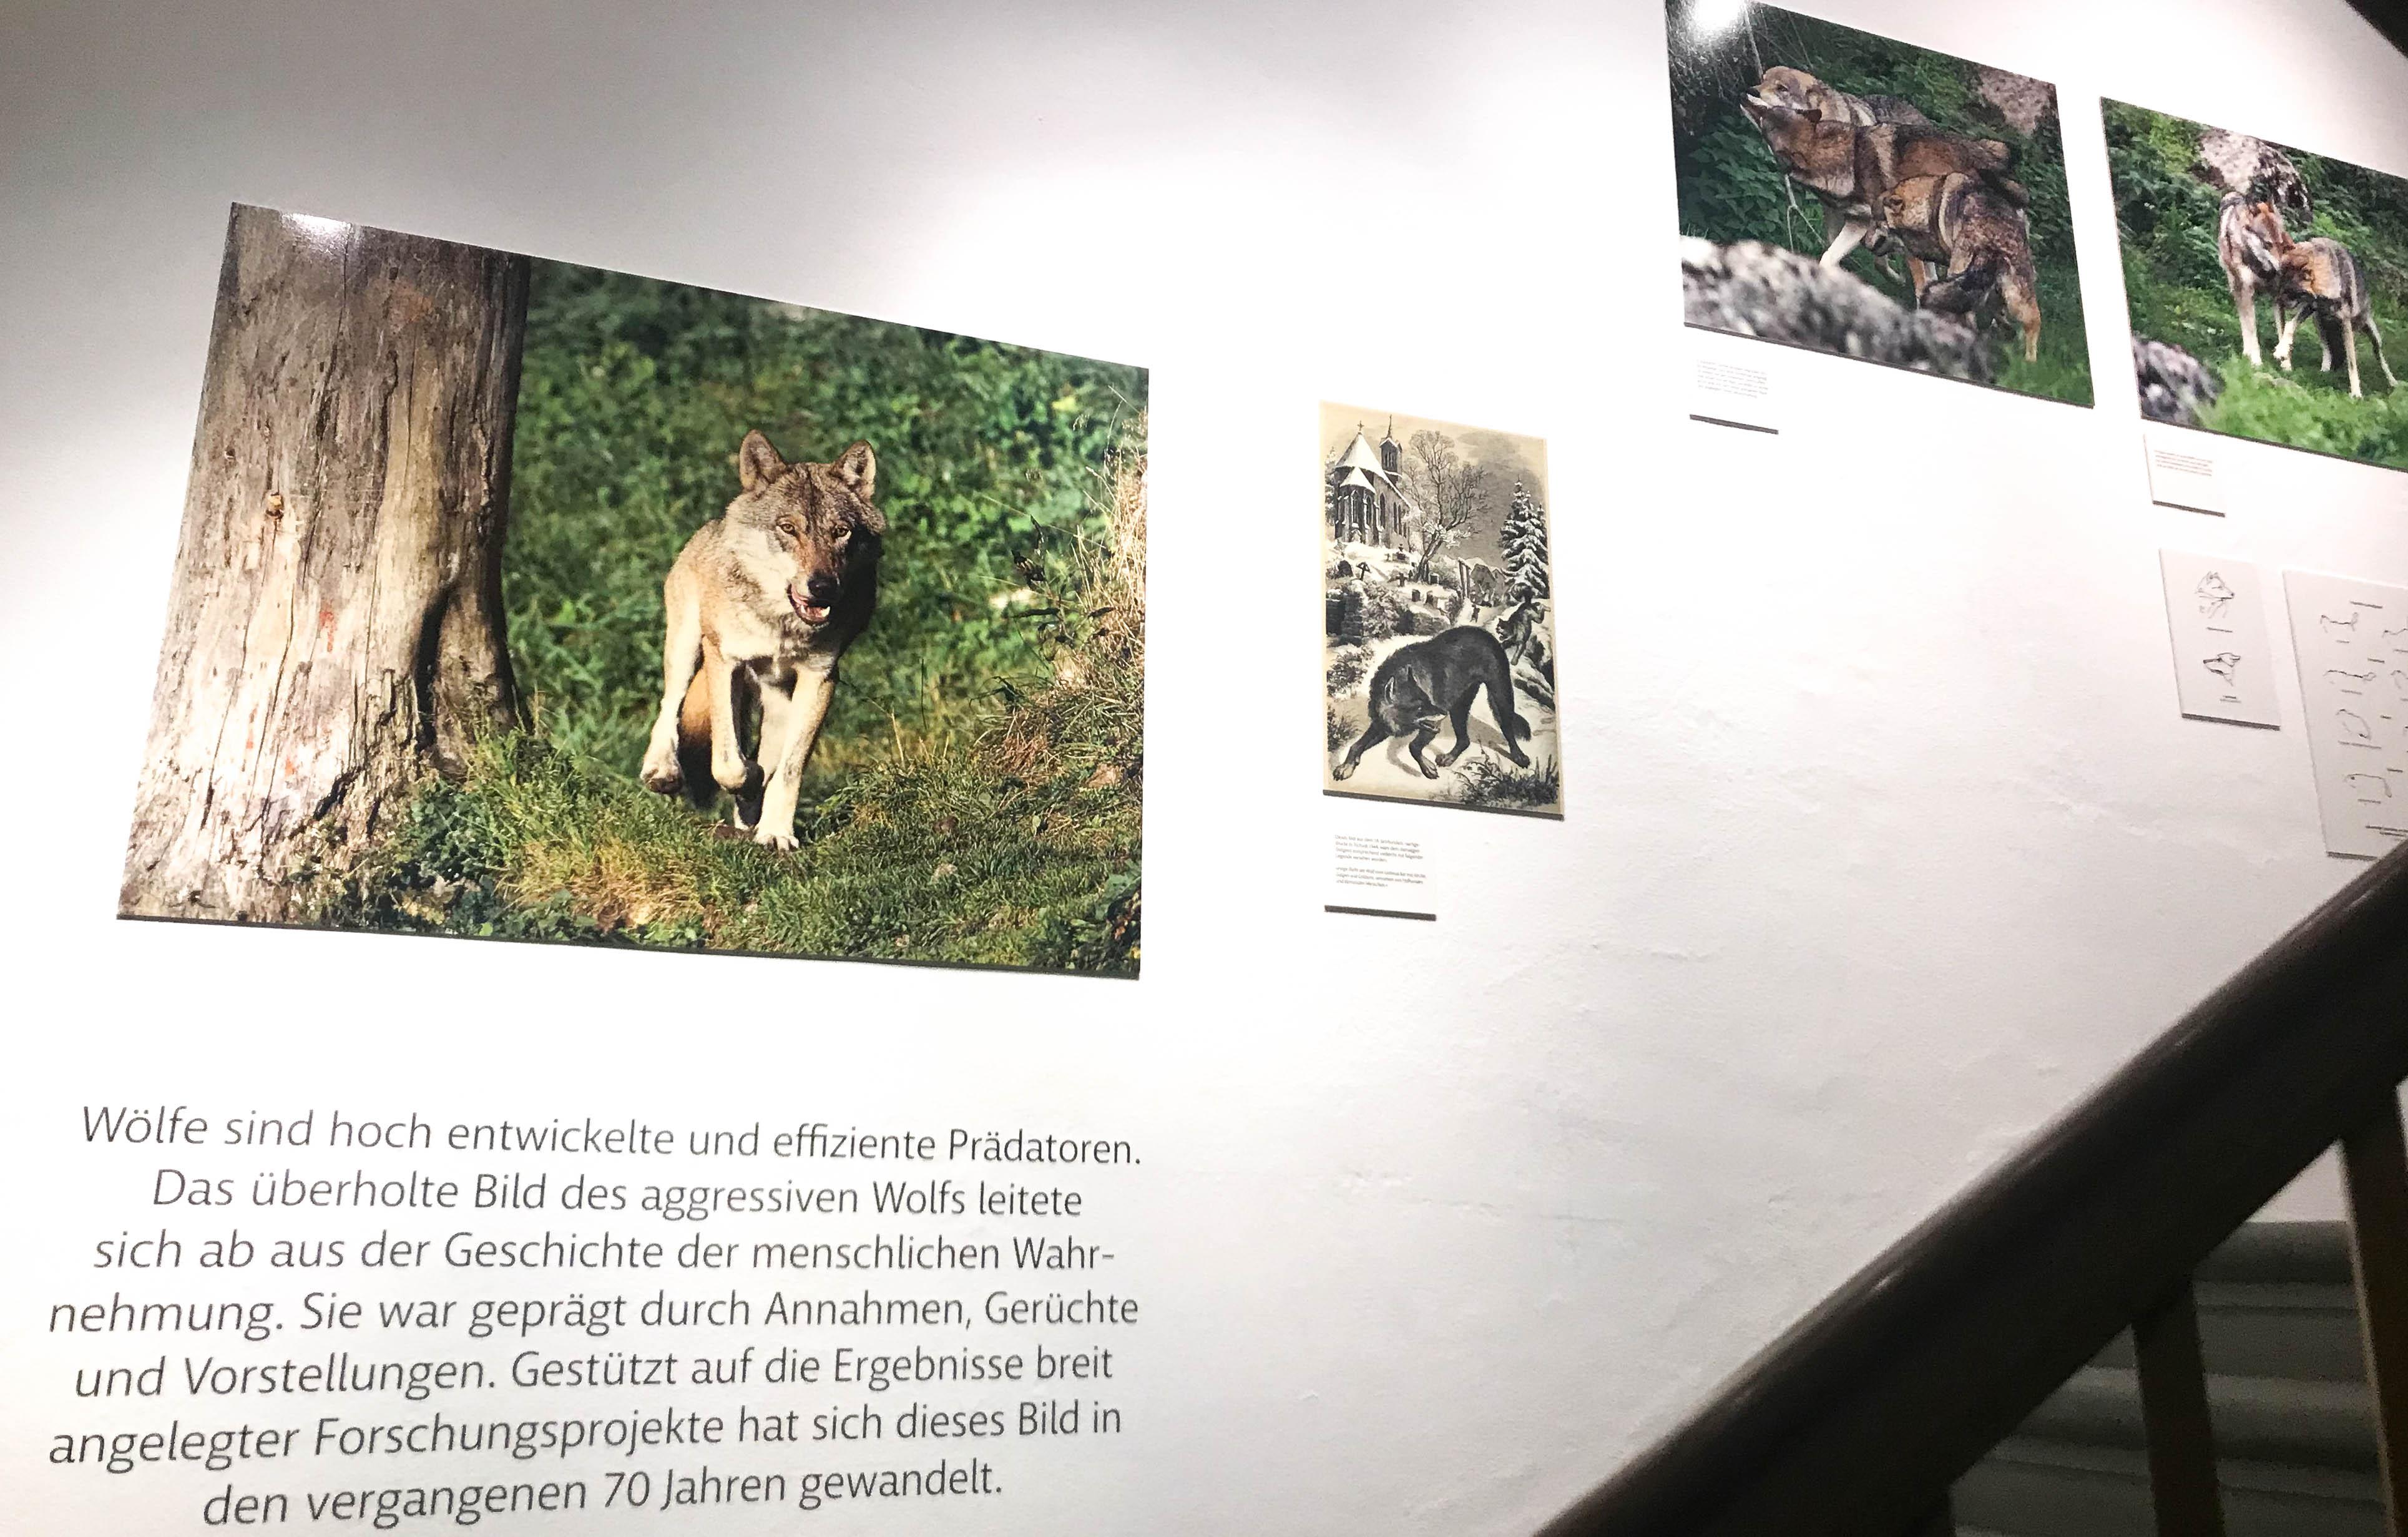 Derzeit ist im Treppenhaus des Natur-Museums Luzern eine Sonderausstellung im Treppenhaus zum Thema «Verhalten des Wolfs» zu sehen.